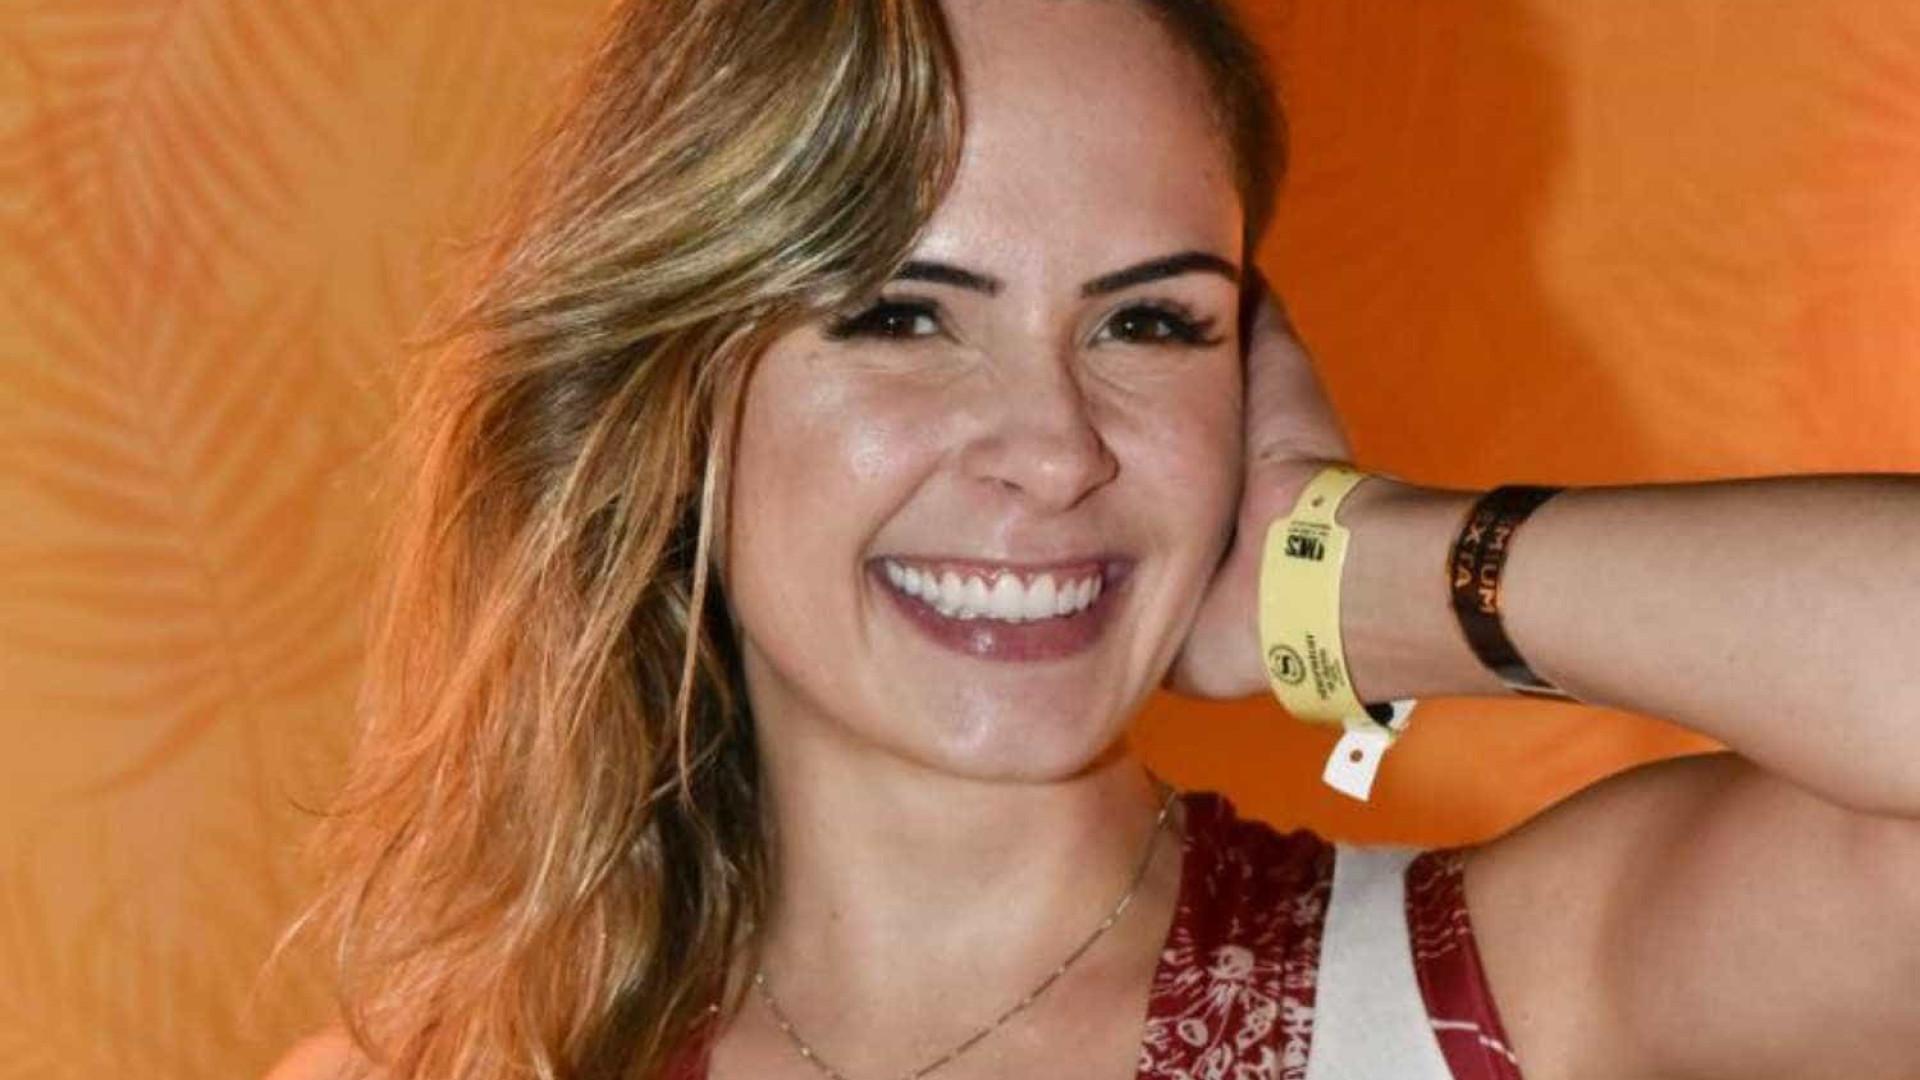 RedeTV! avalia proposta de programa com ex-BBB Ana Paula Renault